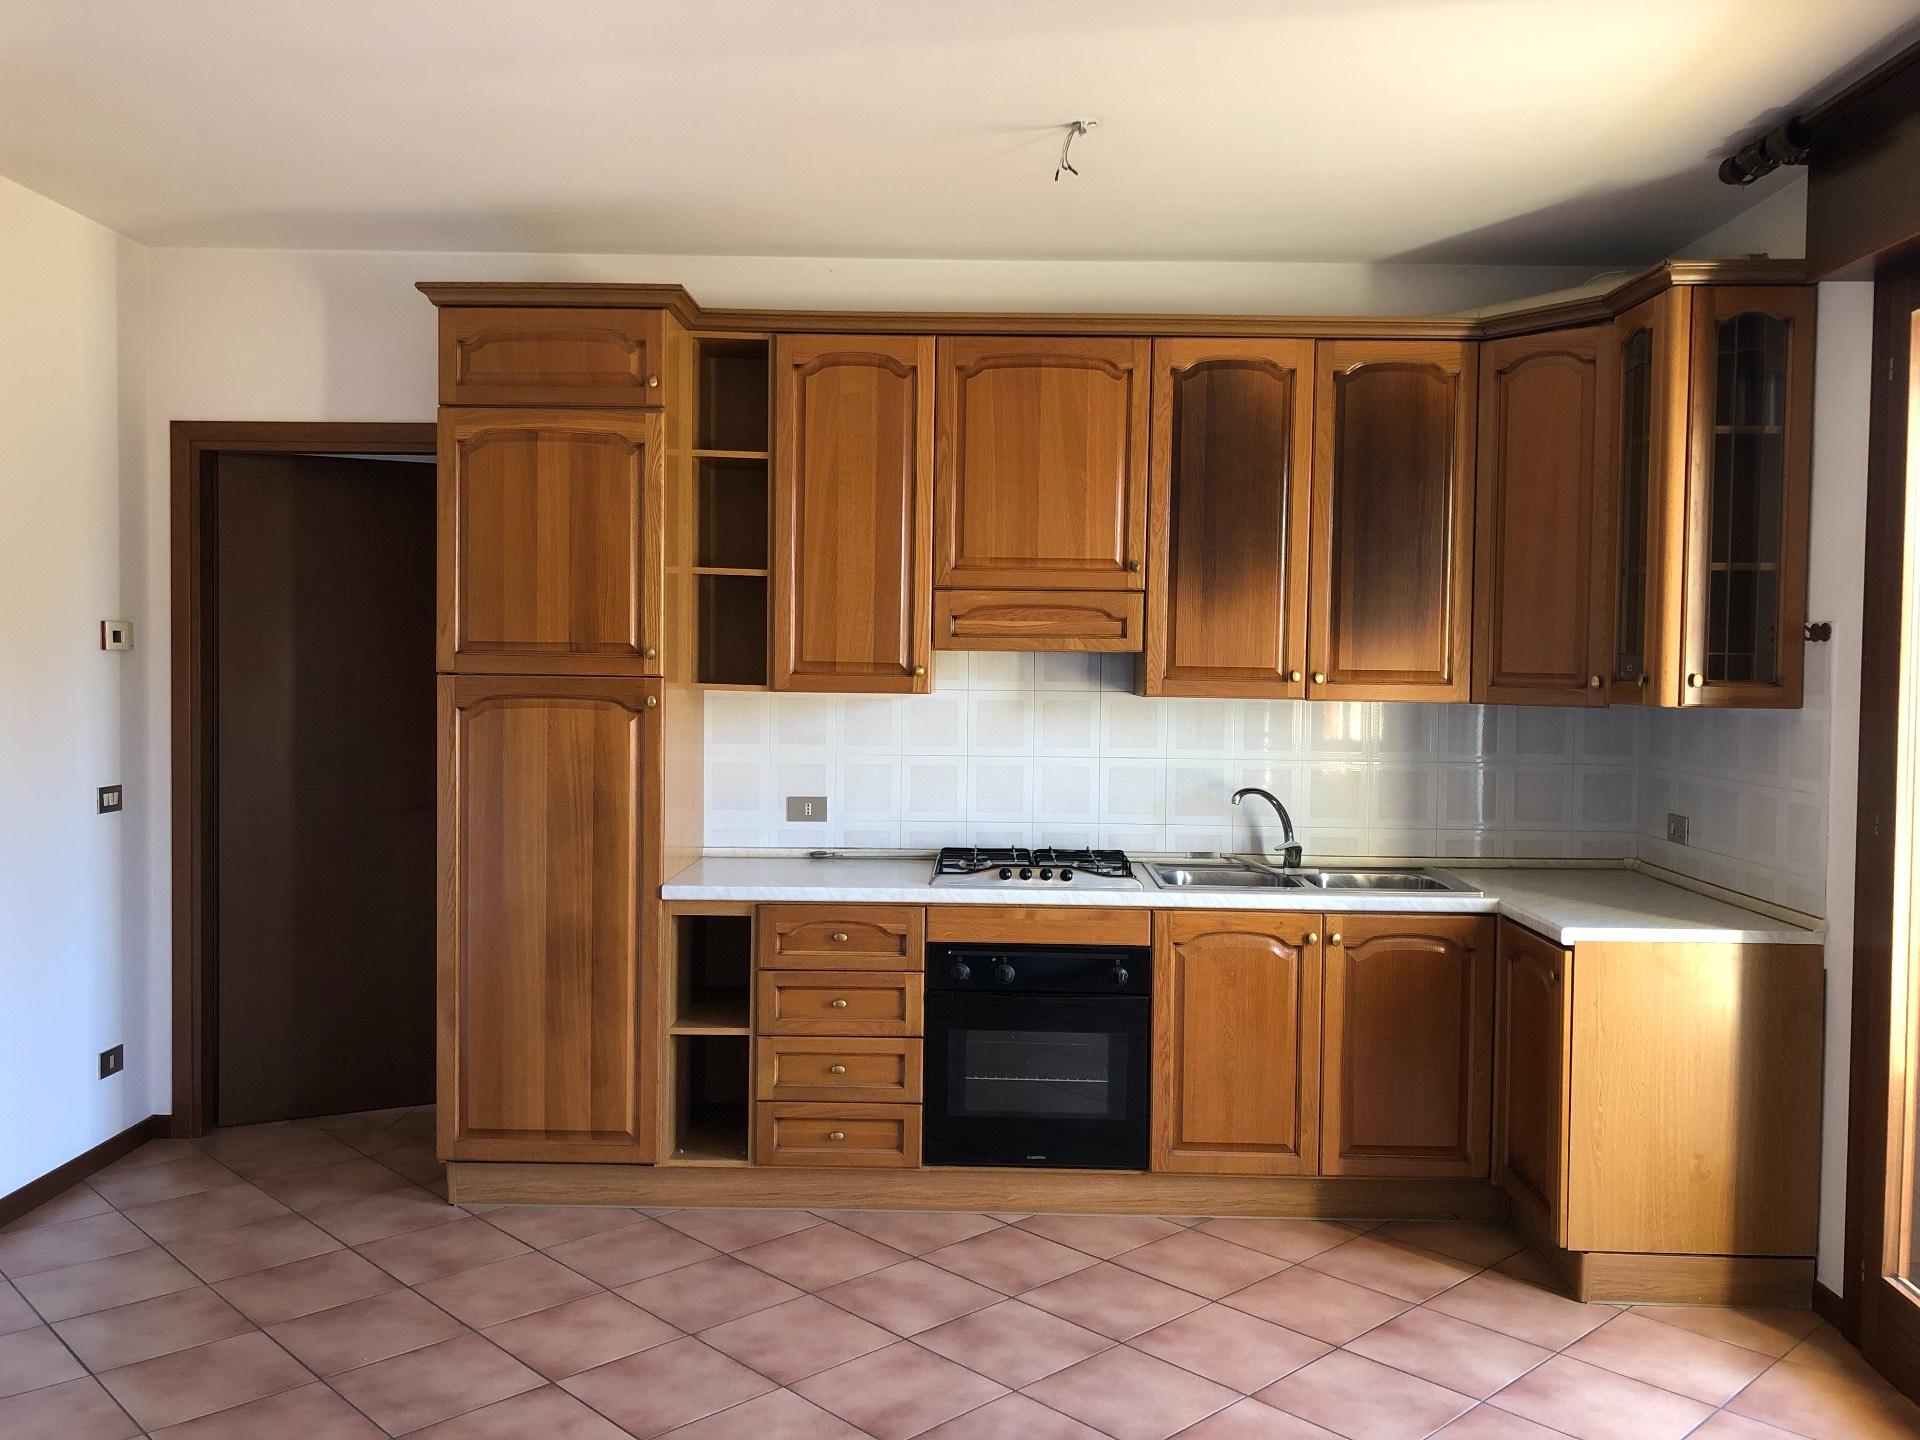 Appartamento in vendita a Giavera del Montello, 4 locali, zona Zona: Cusignana, prezzo € 82.000 | CambioCasa.it